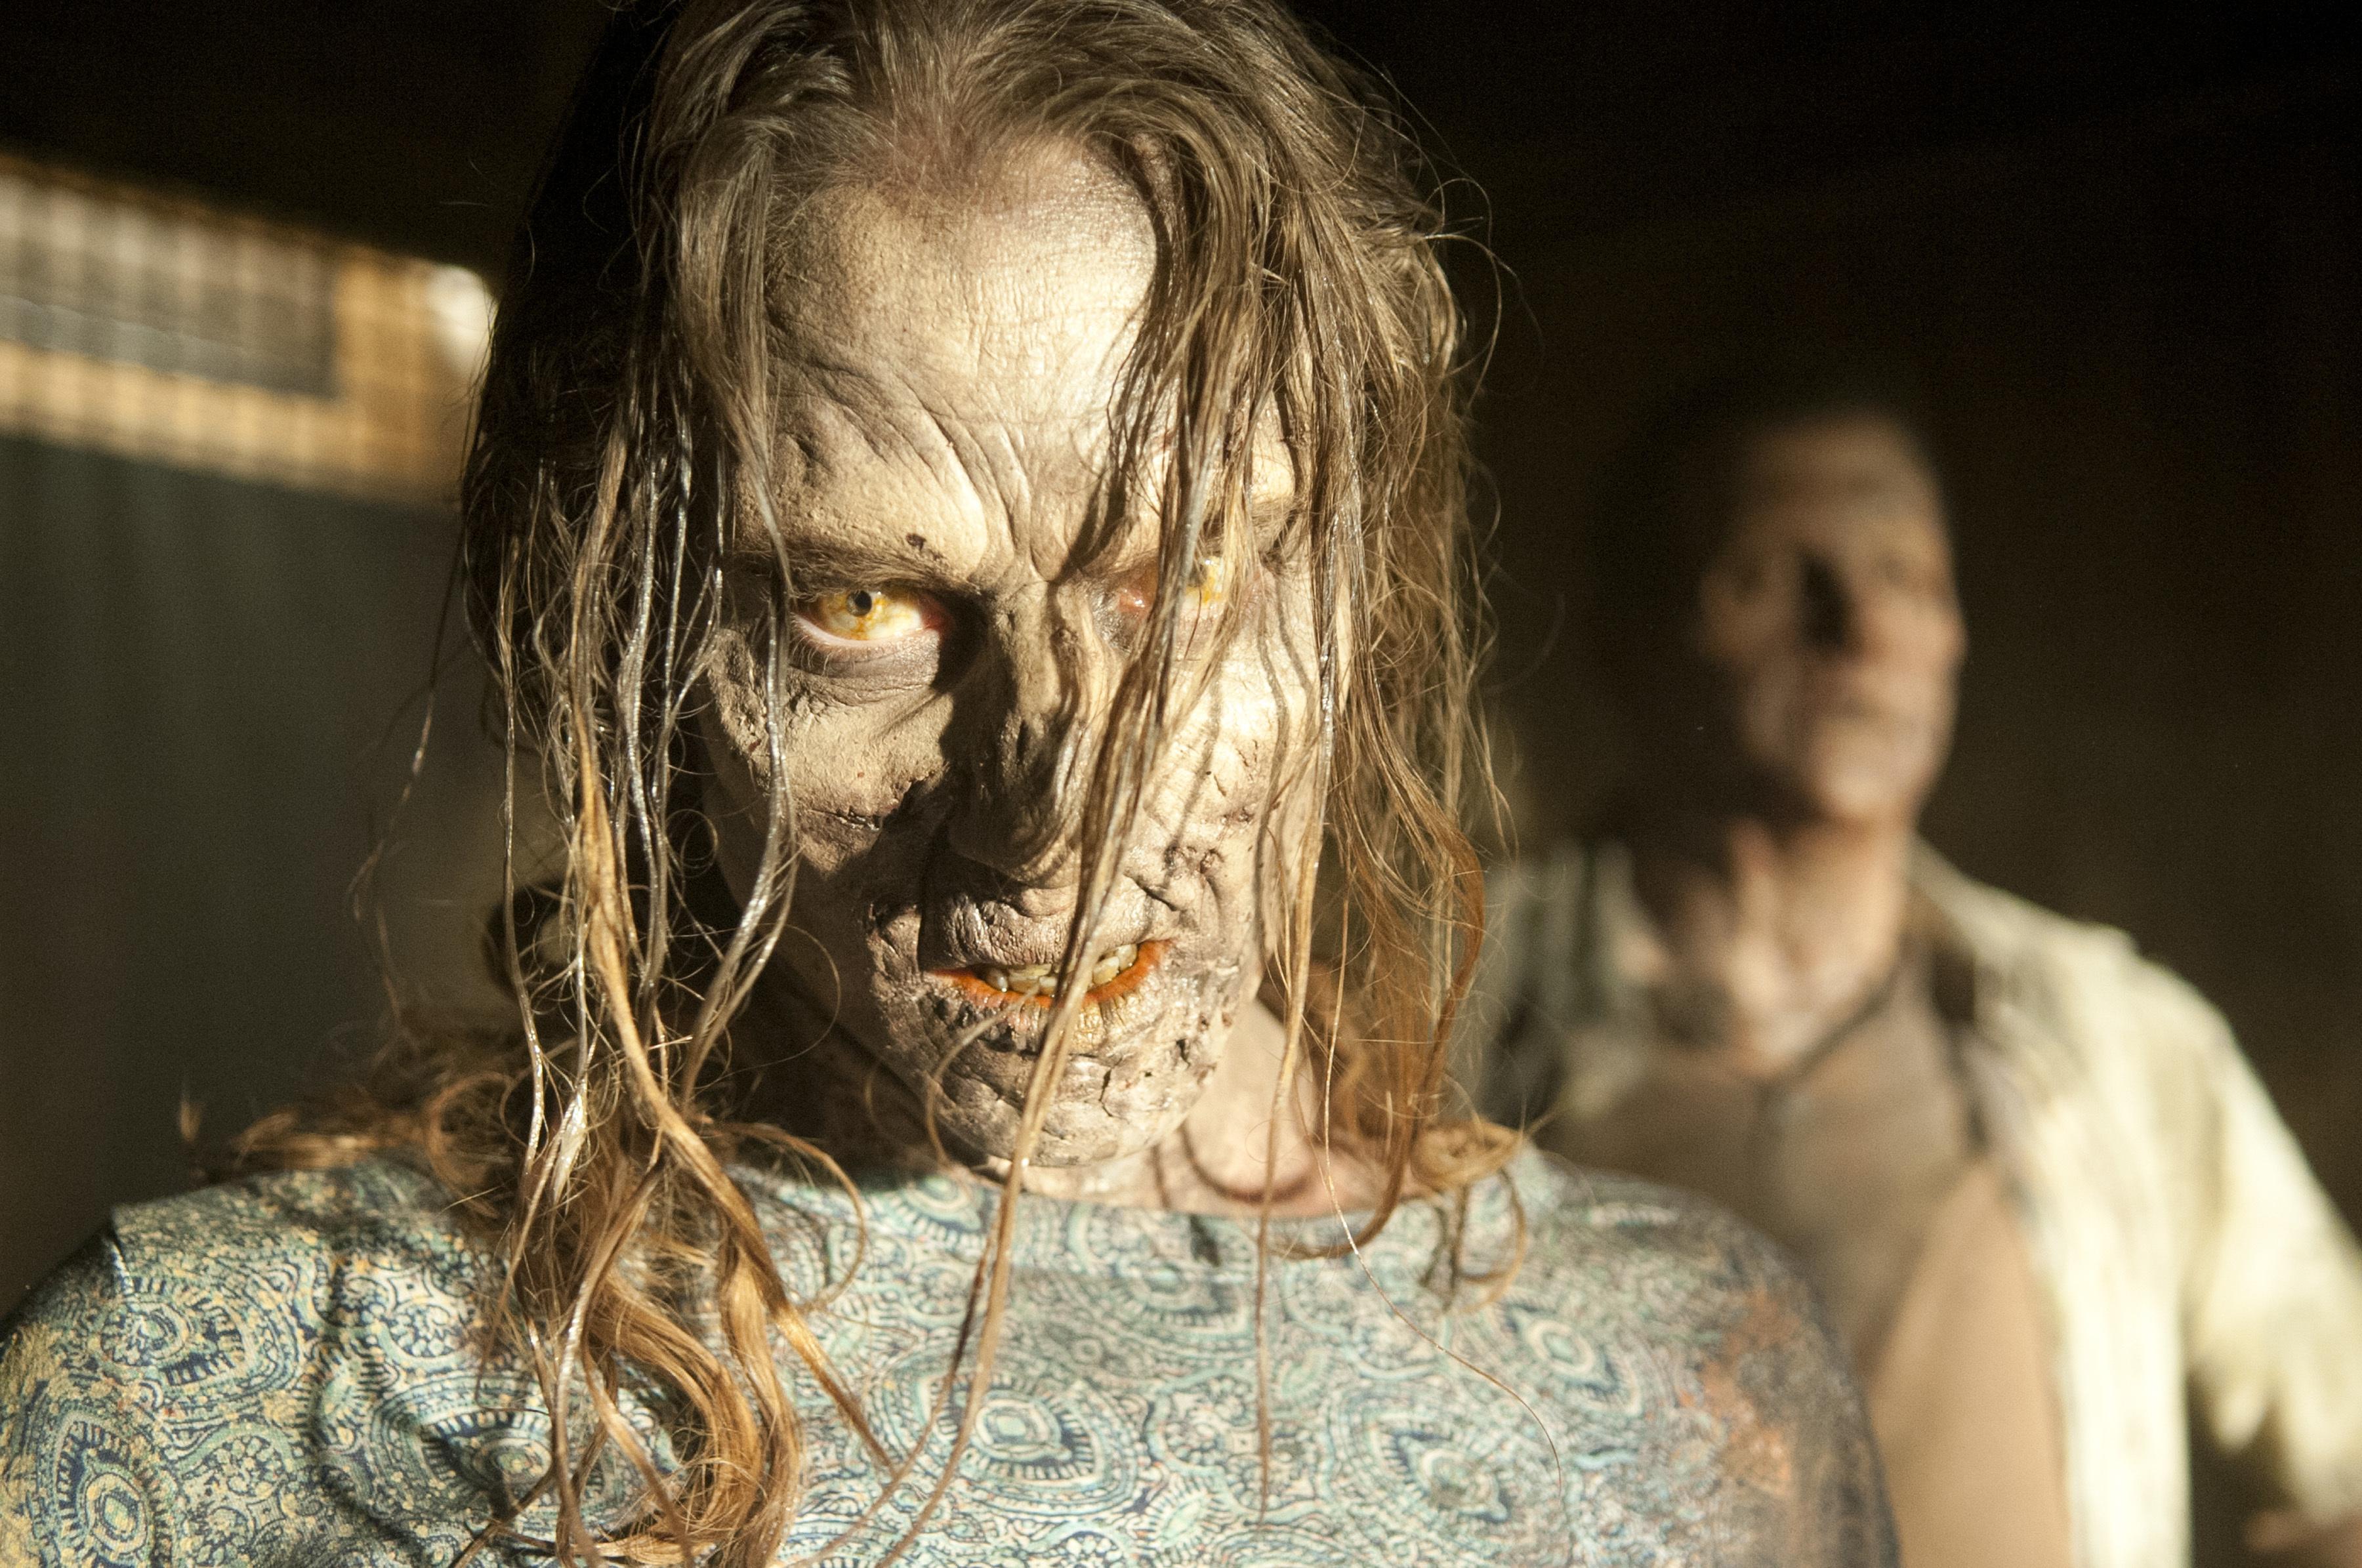 File:Walking-Dead-304-02.jpg